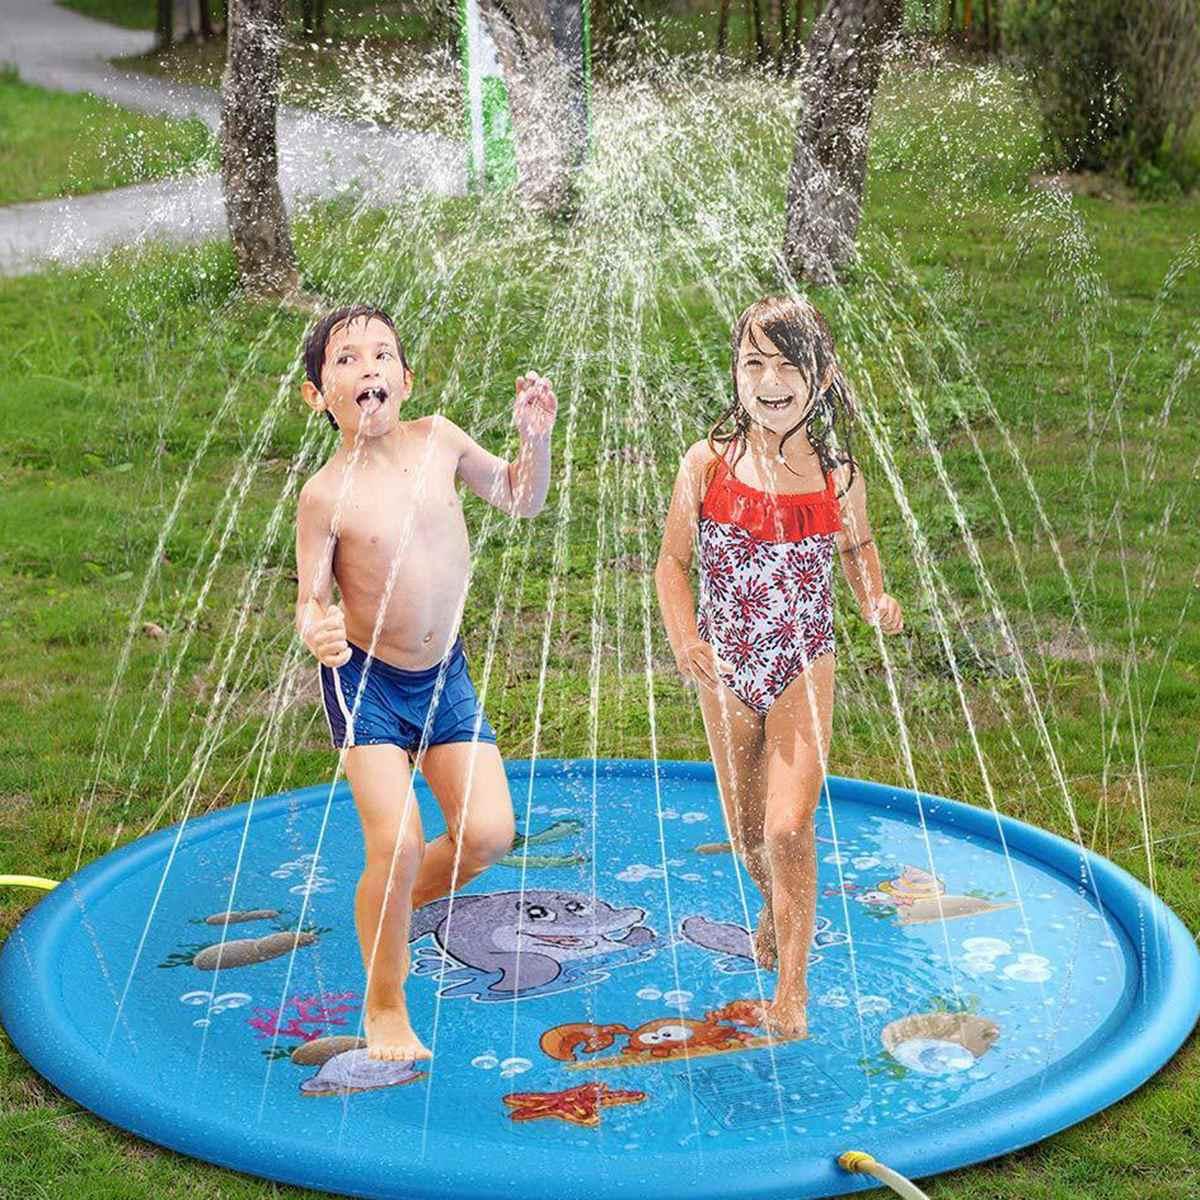 Tapis gonflable rond de 172cm pour enfants   Piscine de jeu amusant, arroseur, Mini Spray en PVC pour piscine d'été et jardin